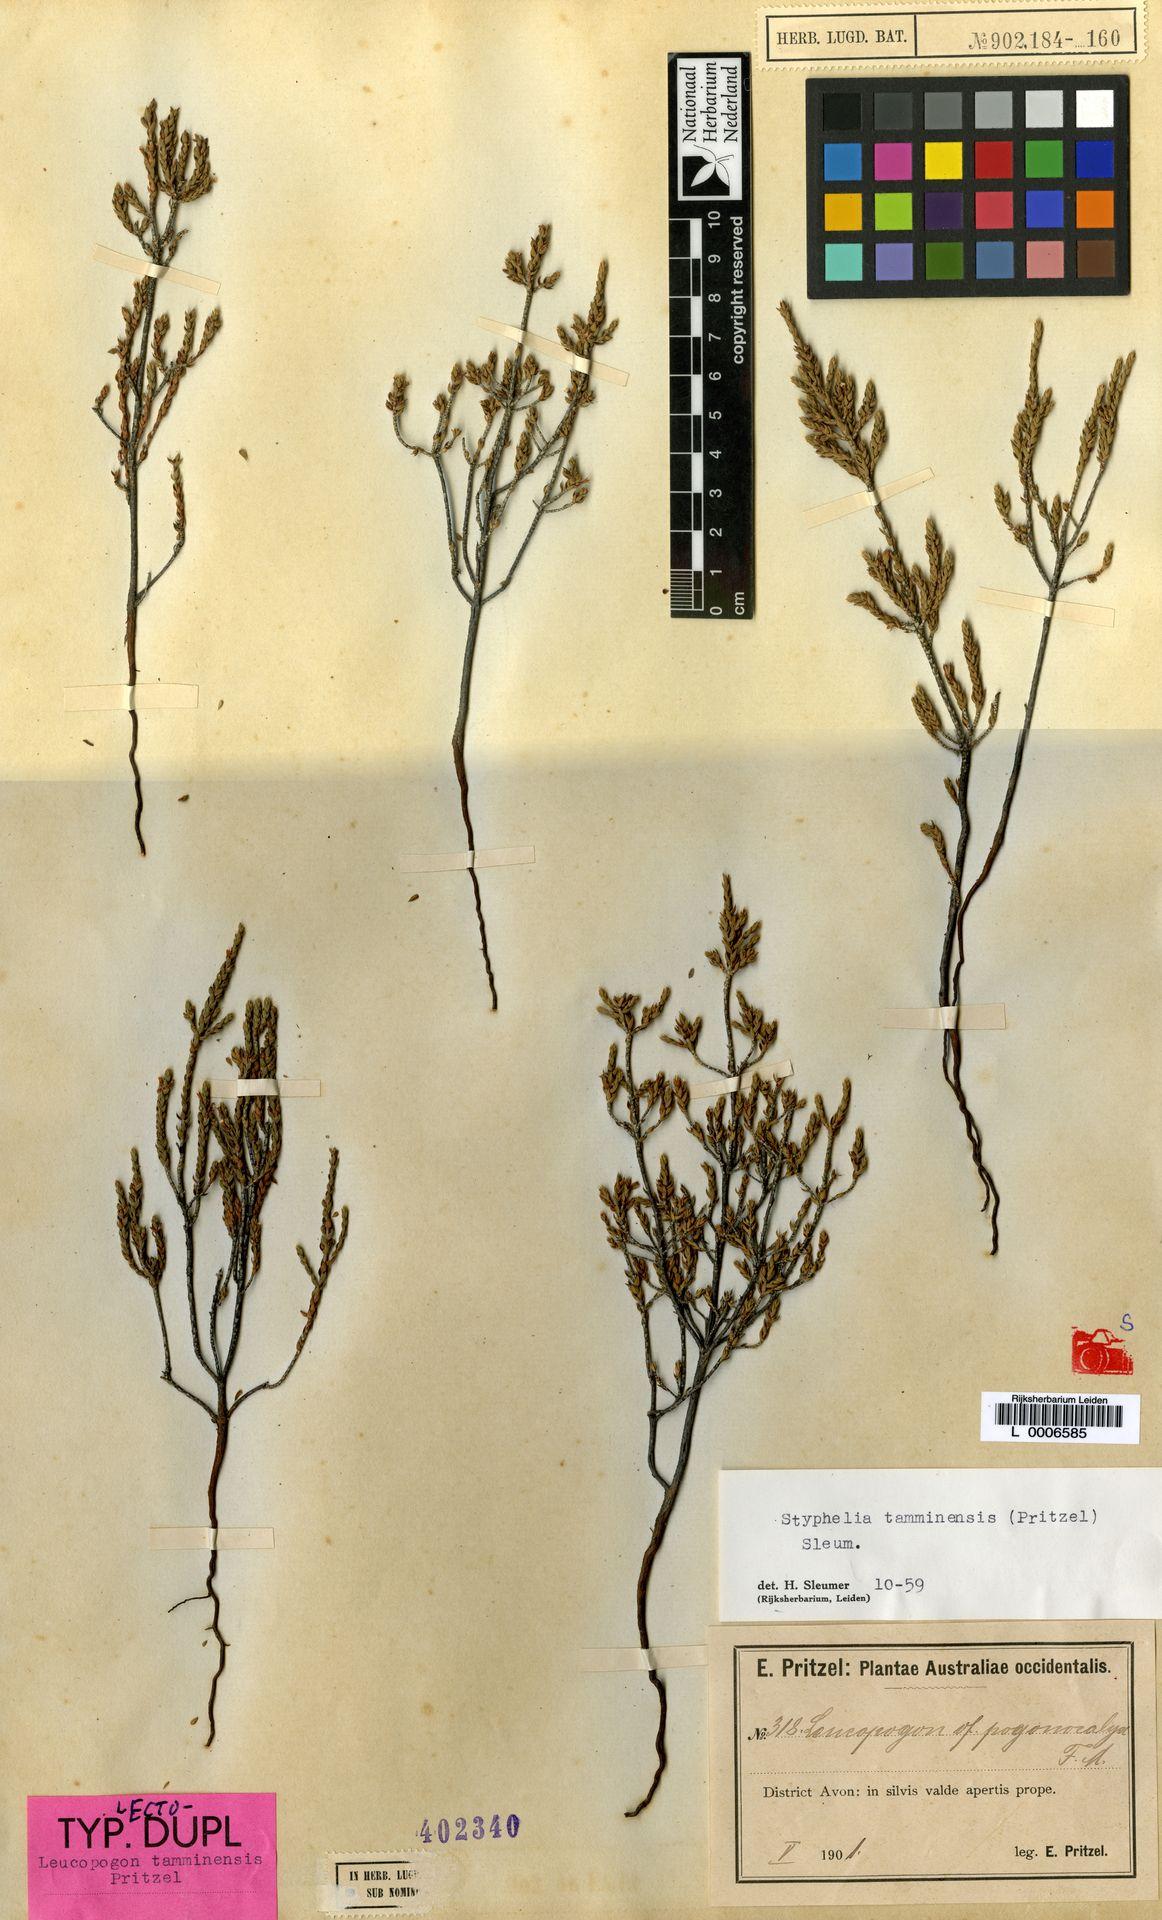 L  0006585 | Styphelia tamminensis (E.Pritz.) Sleumer